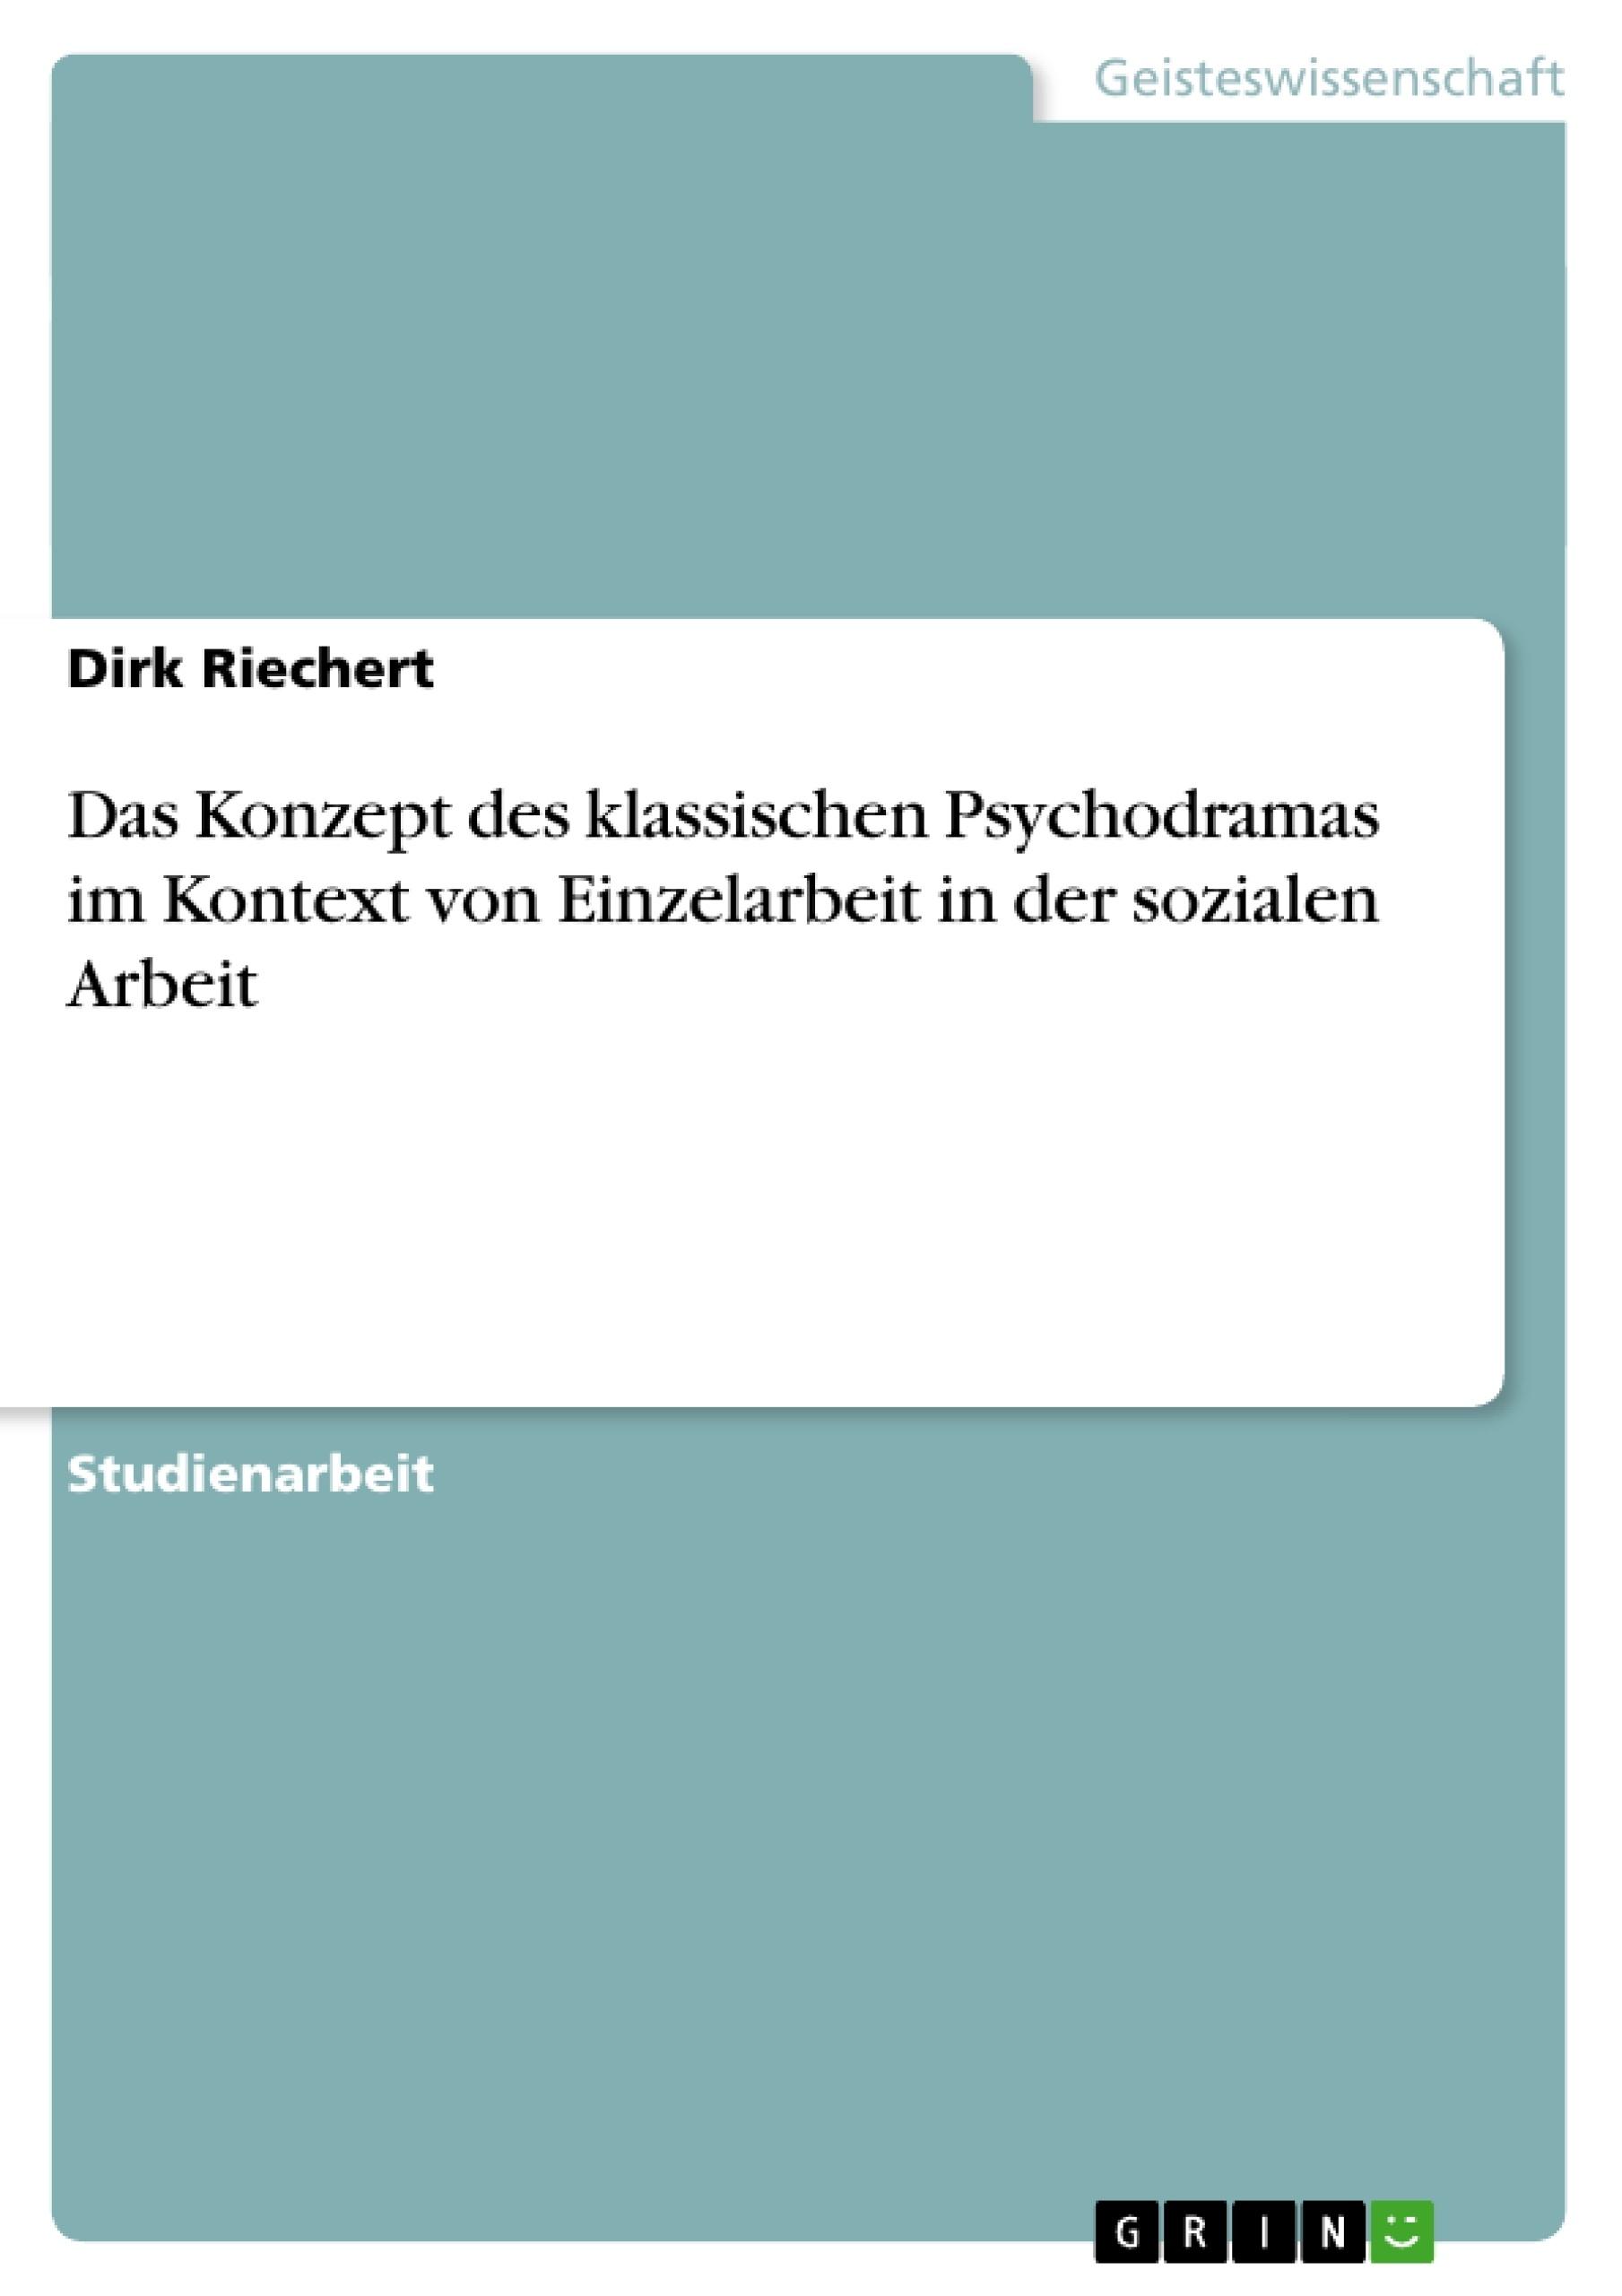 Titel: Das Konzept des klassischen Psychodramas im Kontext von Einzelarbeit in der sozialen Arbeit